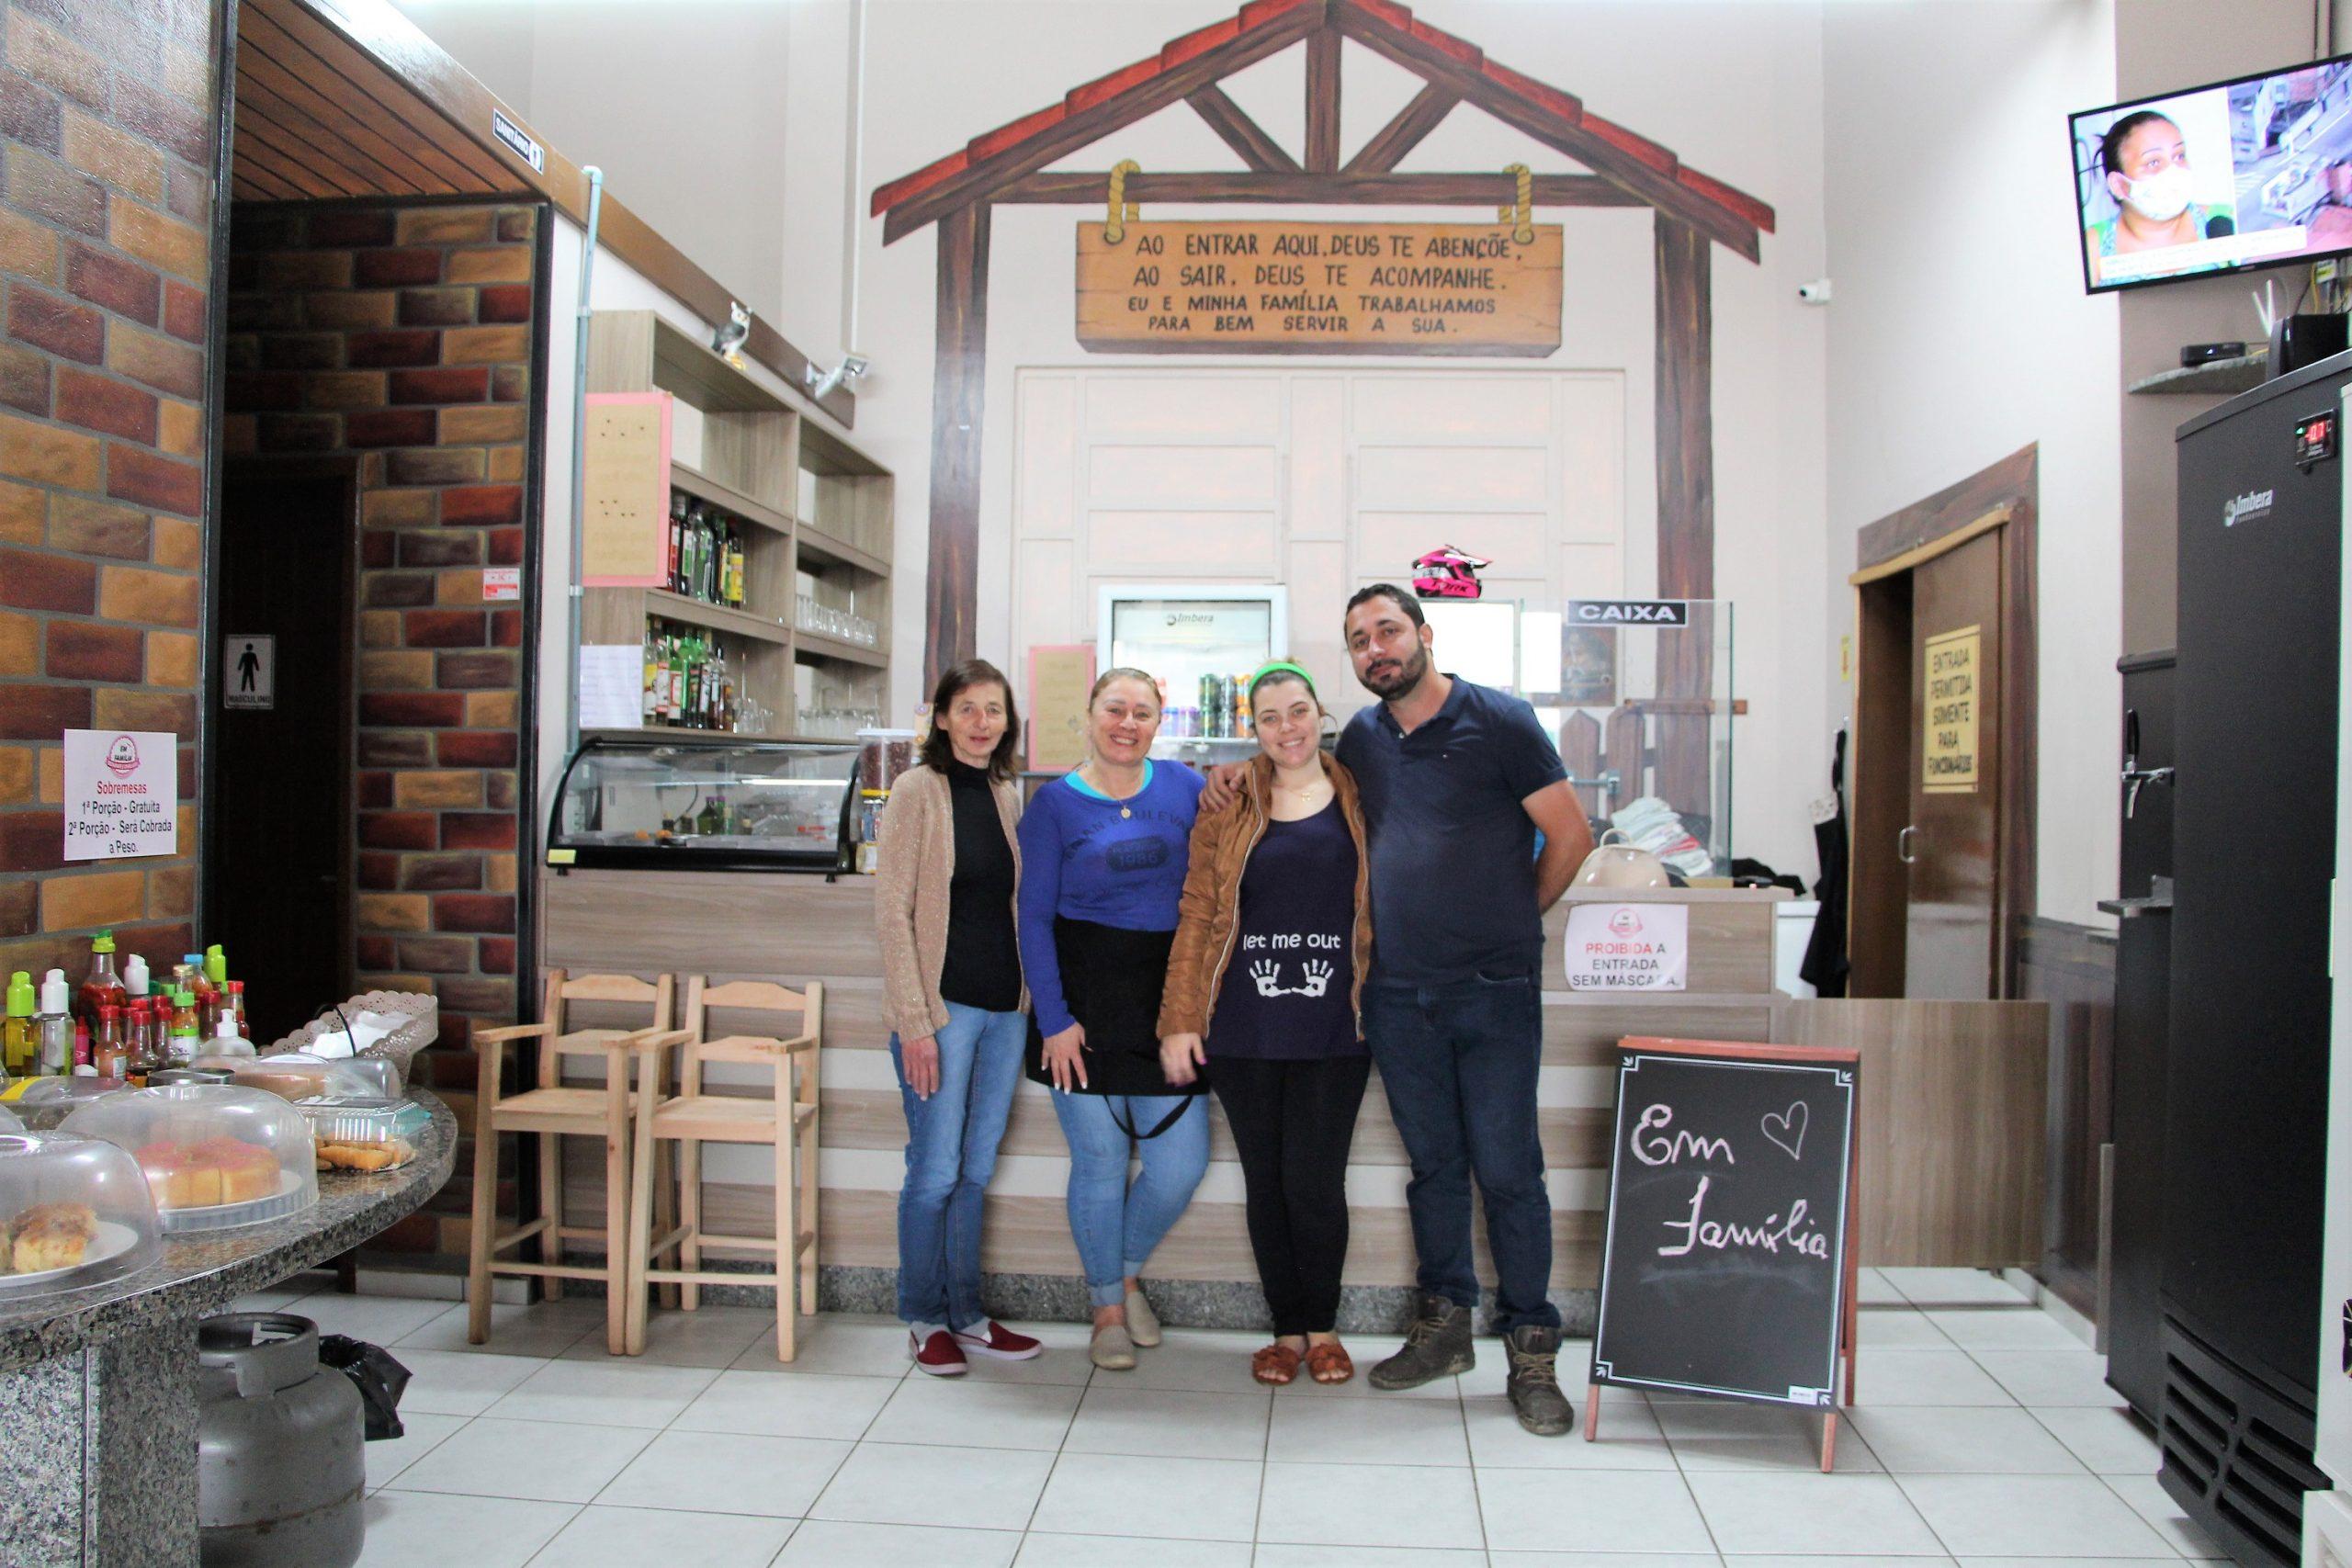 Restaurante e Lanchonete em Família: comida caseira do café da manhã ao jantar em Orleans